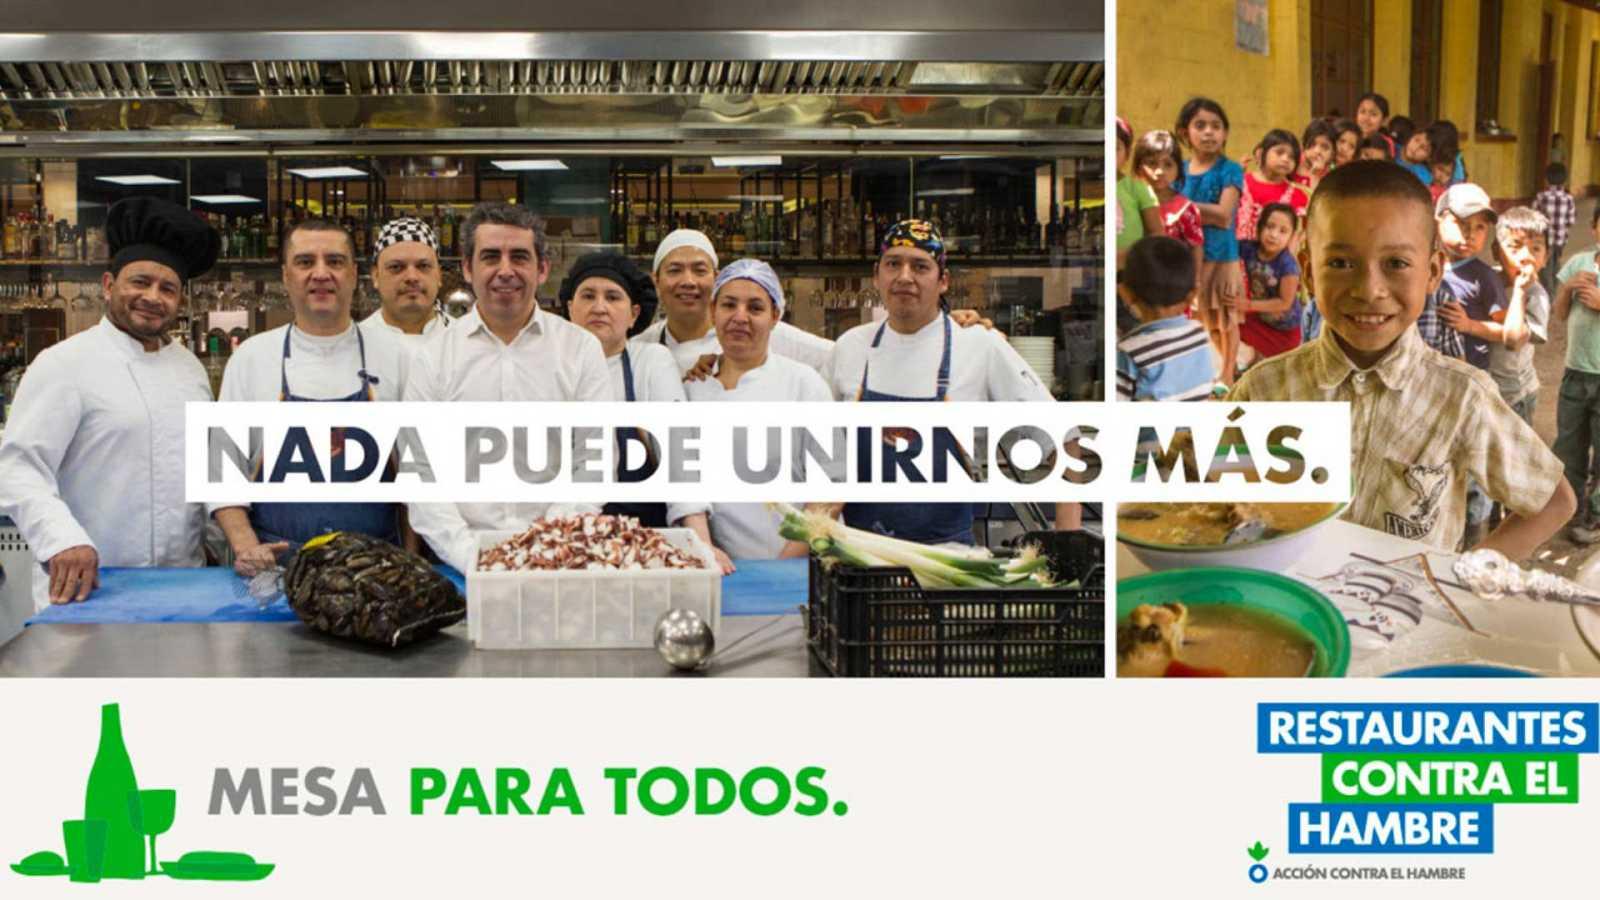 Alianza 2030 - Restaurantes contra el hambre - 18/10/20 - Escuchar ahora